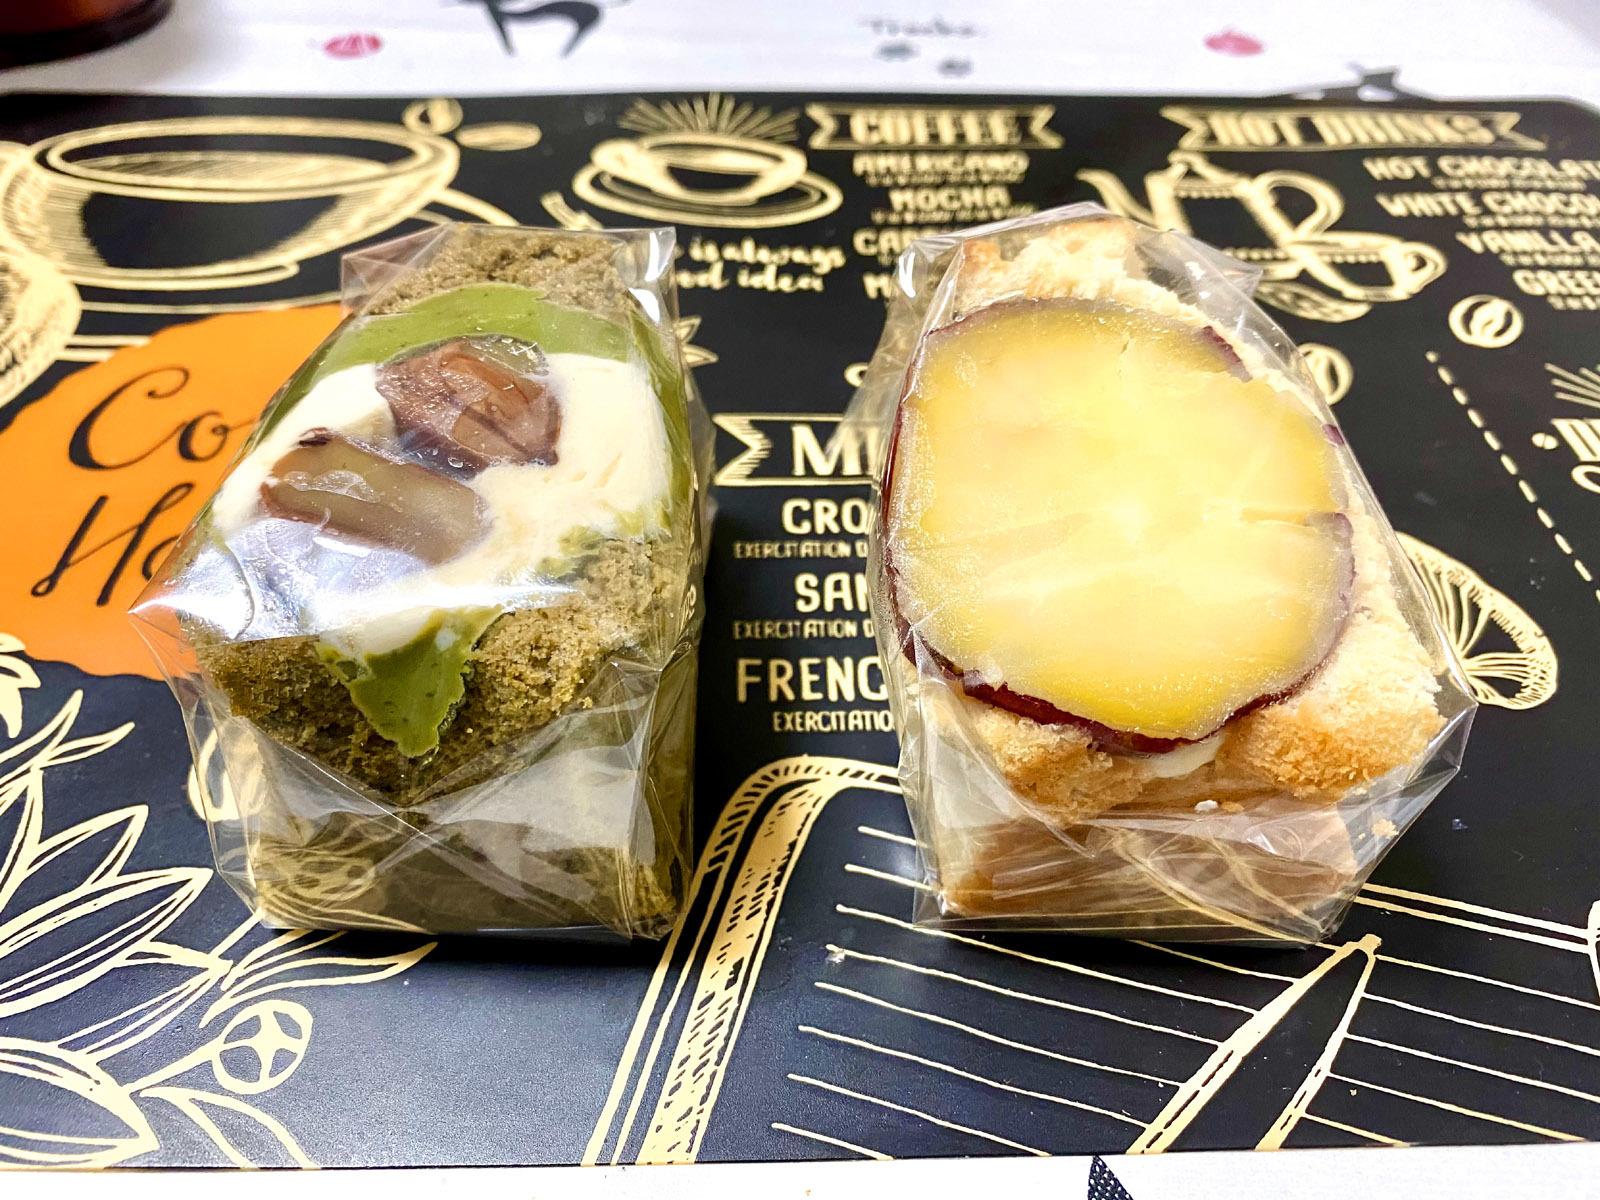 ant・ant 抹茶シフォンの栗サンド 291円(税込)、焼き芋シフォンのクリームサンド 291円(税込)